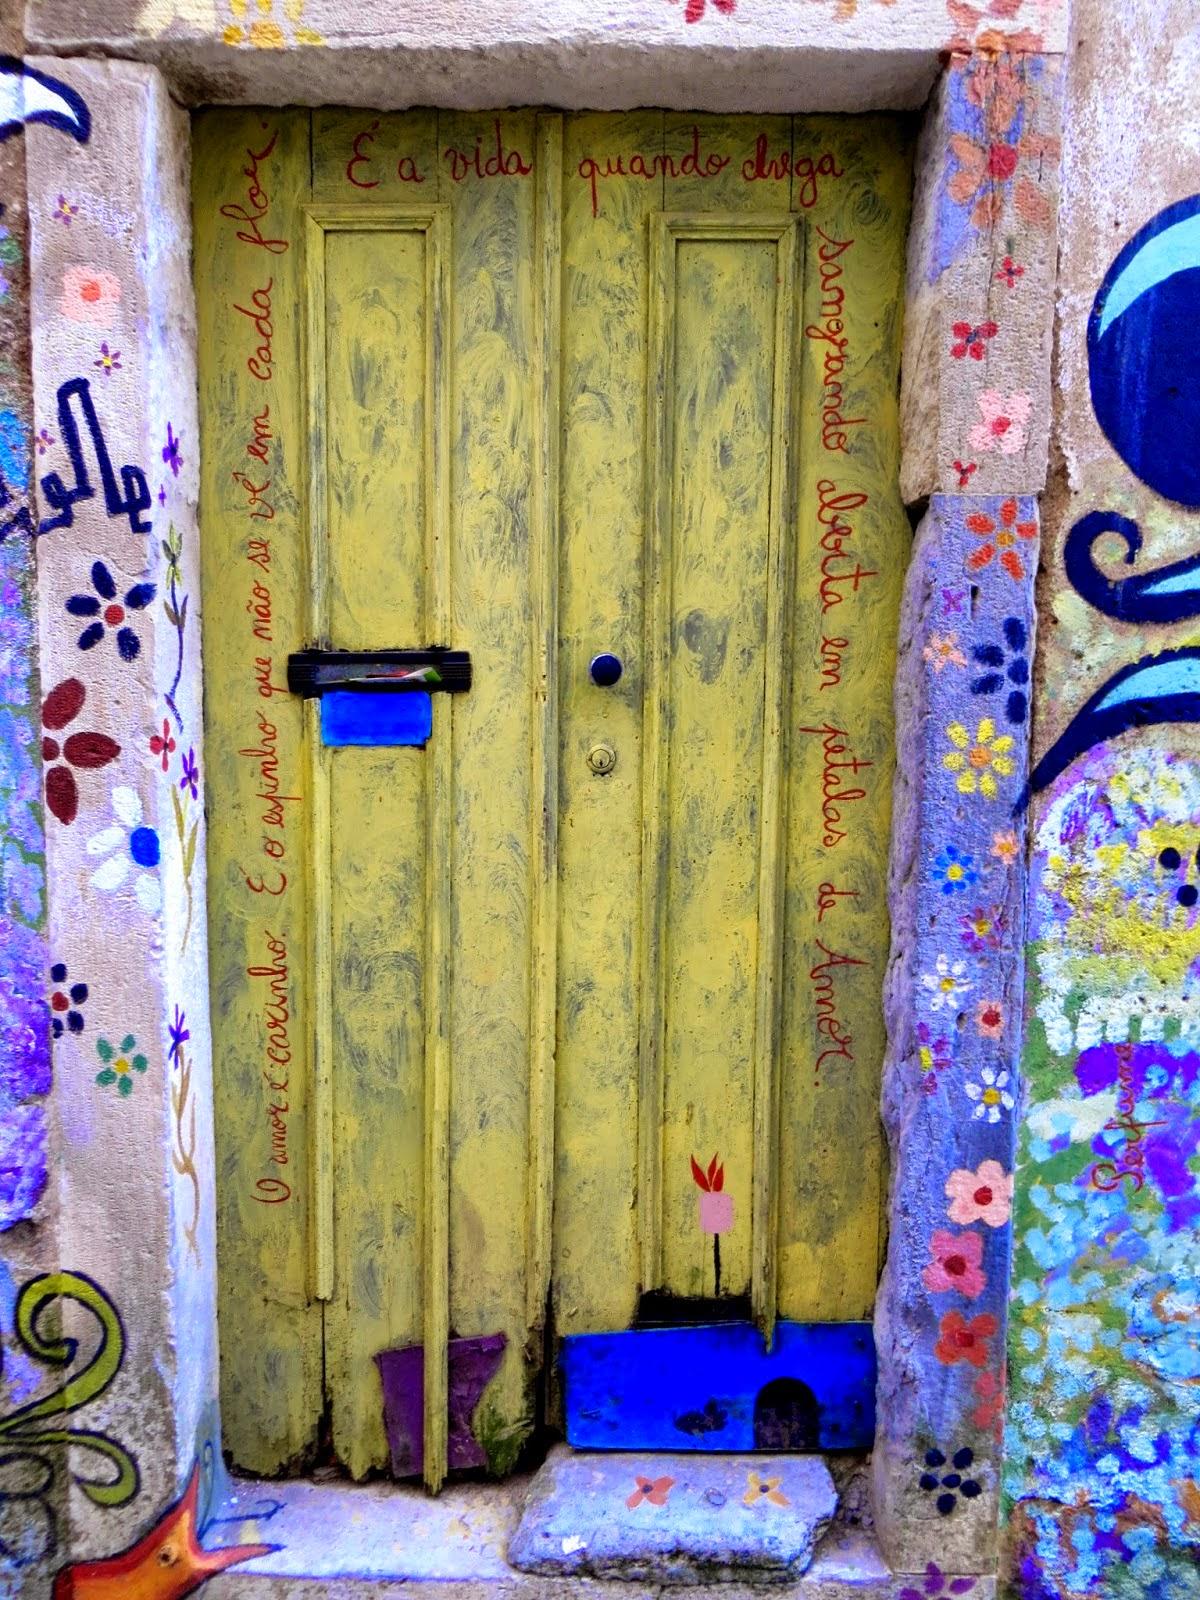 Uma porta com carinho